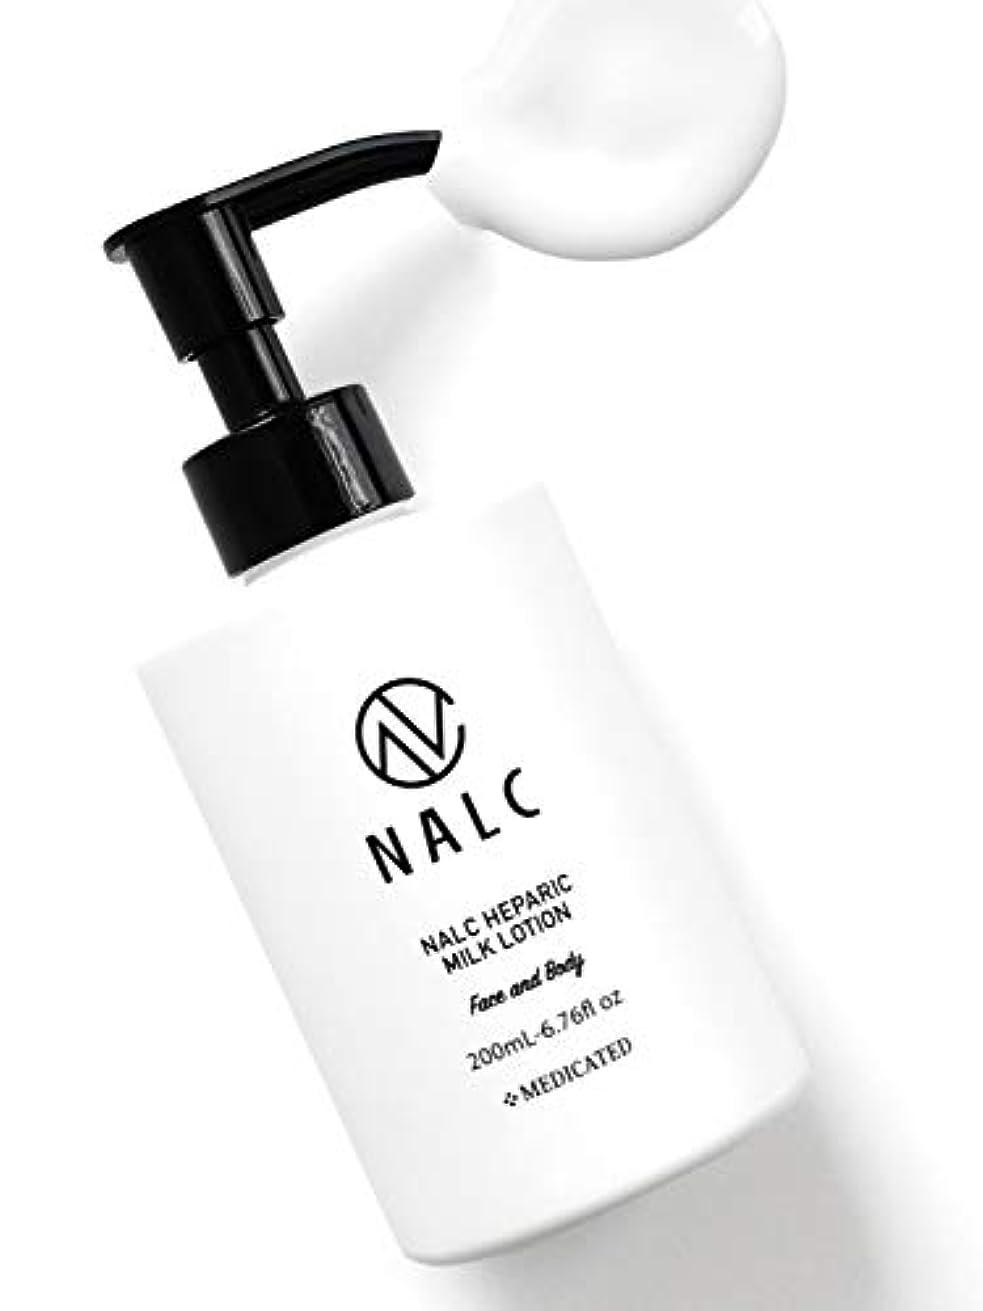 どちらも分類純正NALC ヘパリン 乳液 (乾燥肌の救世主 ヘパリン類似物質 配合) (全身 に使えるから ボディローション としても オススメ) 薬用 ヘパリン ミルクローション (顔 & 全身 用) 200mL ボディクリーム ハンドクリーム ボディミルク ポンプ式 ニキビ を防ぐ